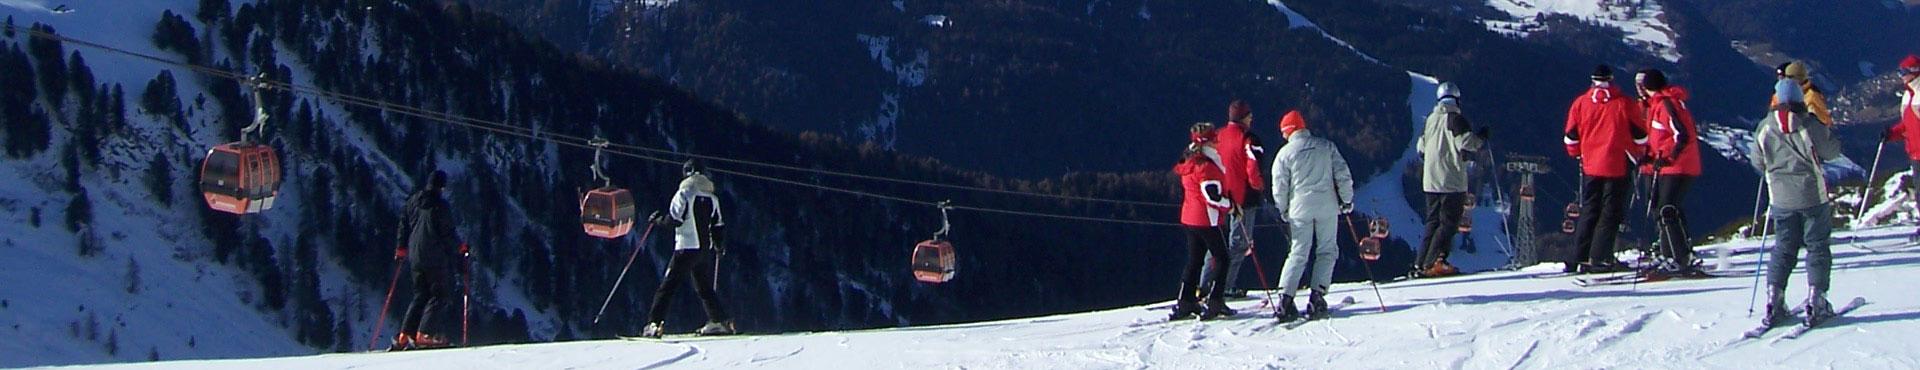 Wintersport_Slider